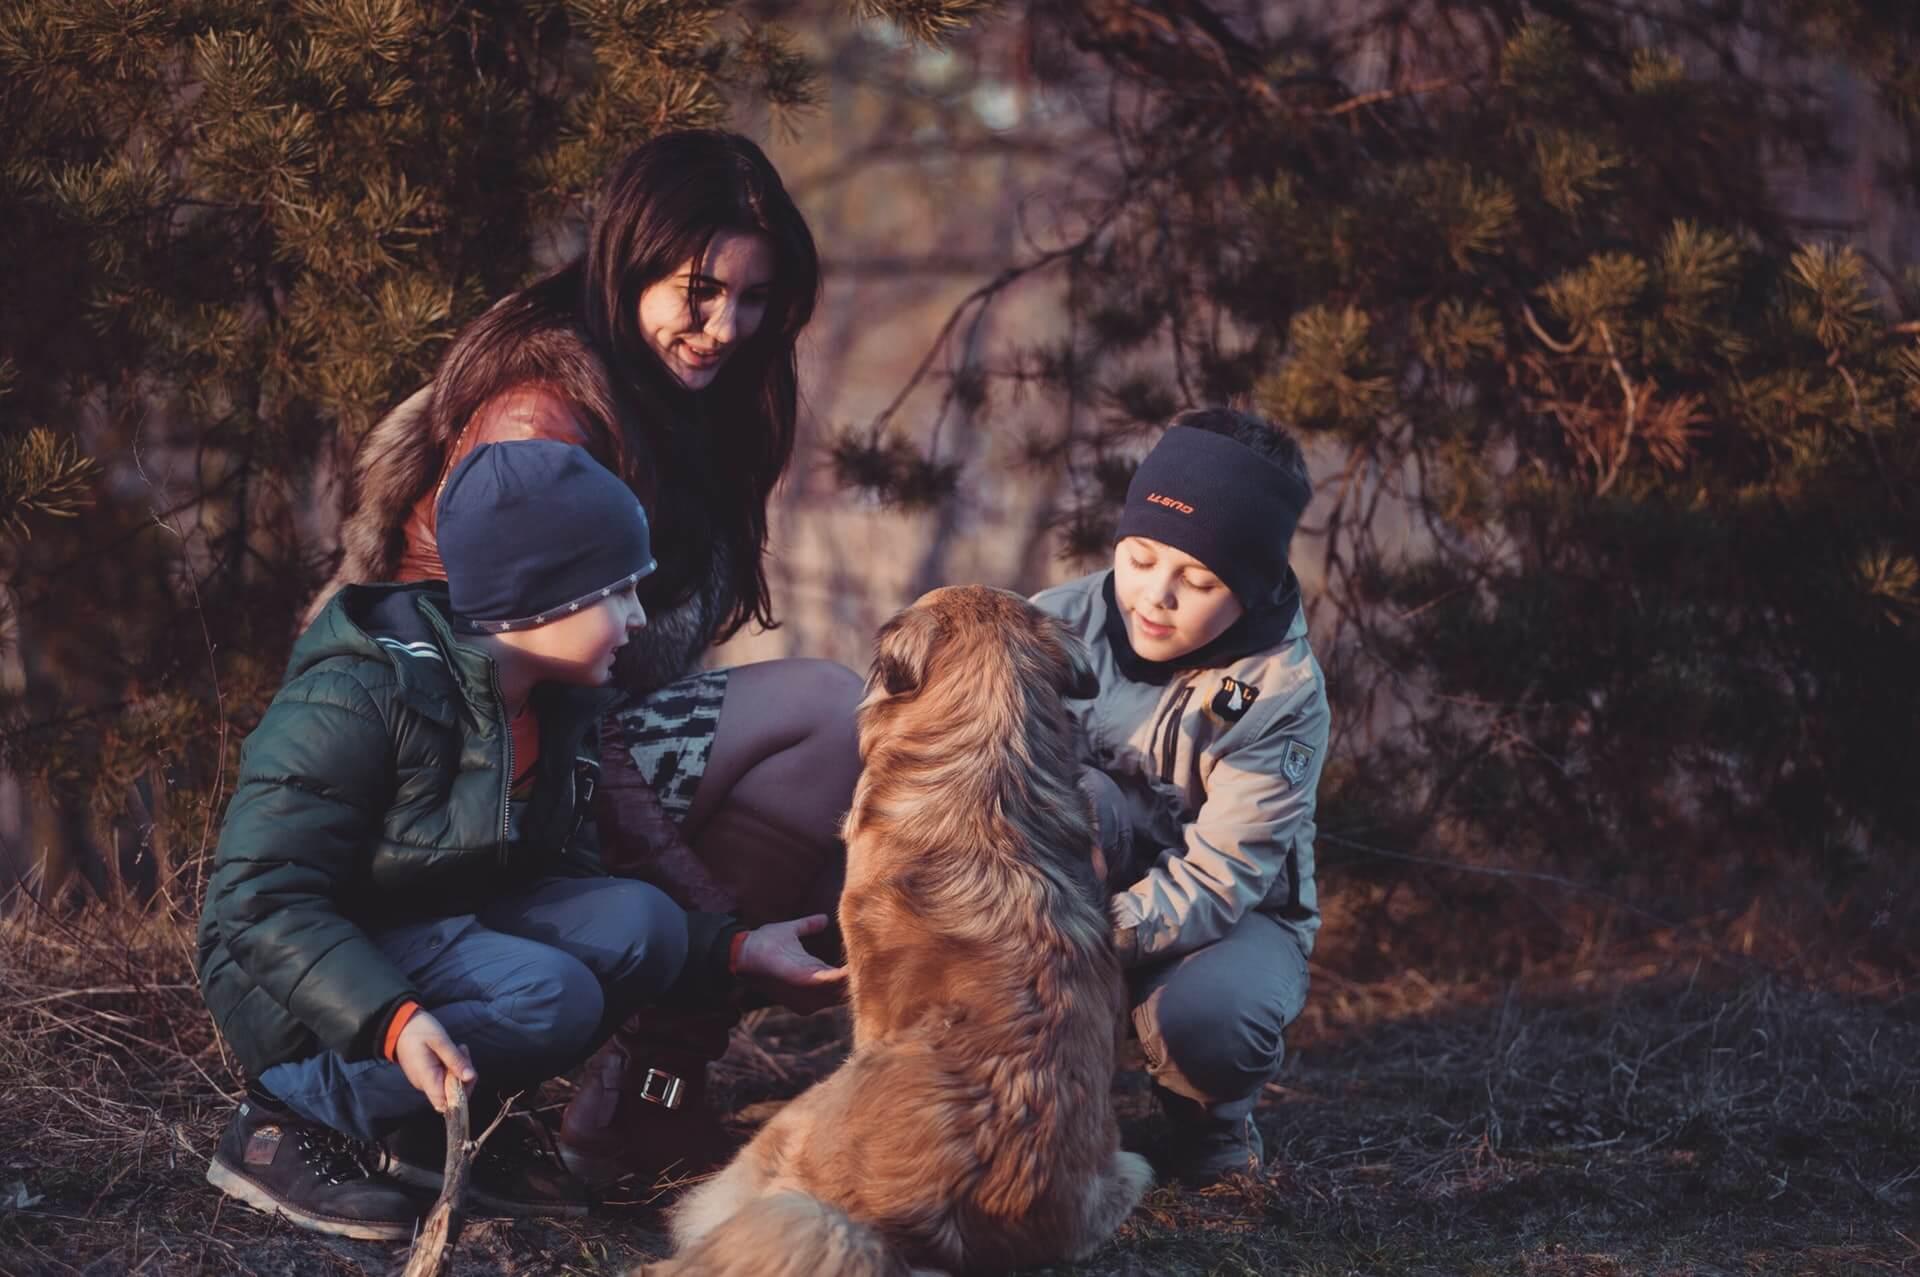 Balades collectives éducativesun moment de partage ! - La balade collective c'est l'occasion de perfectionner l'éducation de votre chien en présence de ses congénères et d'autres humains, de poursuivre la socialisation de votre compagnon, lui permettre d'avoir des rapports sociaux avec les membres de son espèce si importants pour son équilibre.Elles sont aussi une opportunité pour rééduquer un chien réactif sur congénères ou sur humains (après un bilan comportemental et des séances en individuel).Pour les maîtres, ces balades canines permettent de passer un bon moment entre passionnés, découvrir des itinéraires de randonnée et les beaux paysages de notre département.